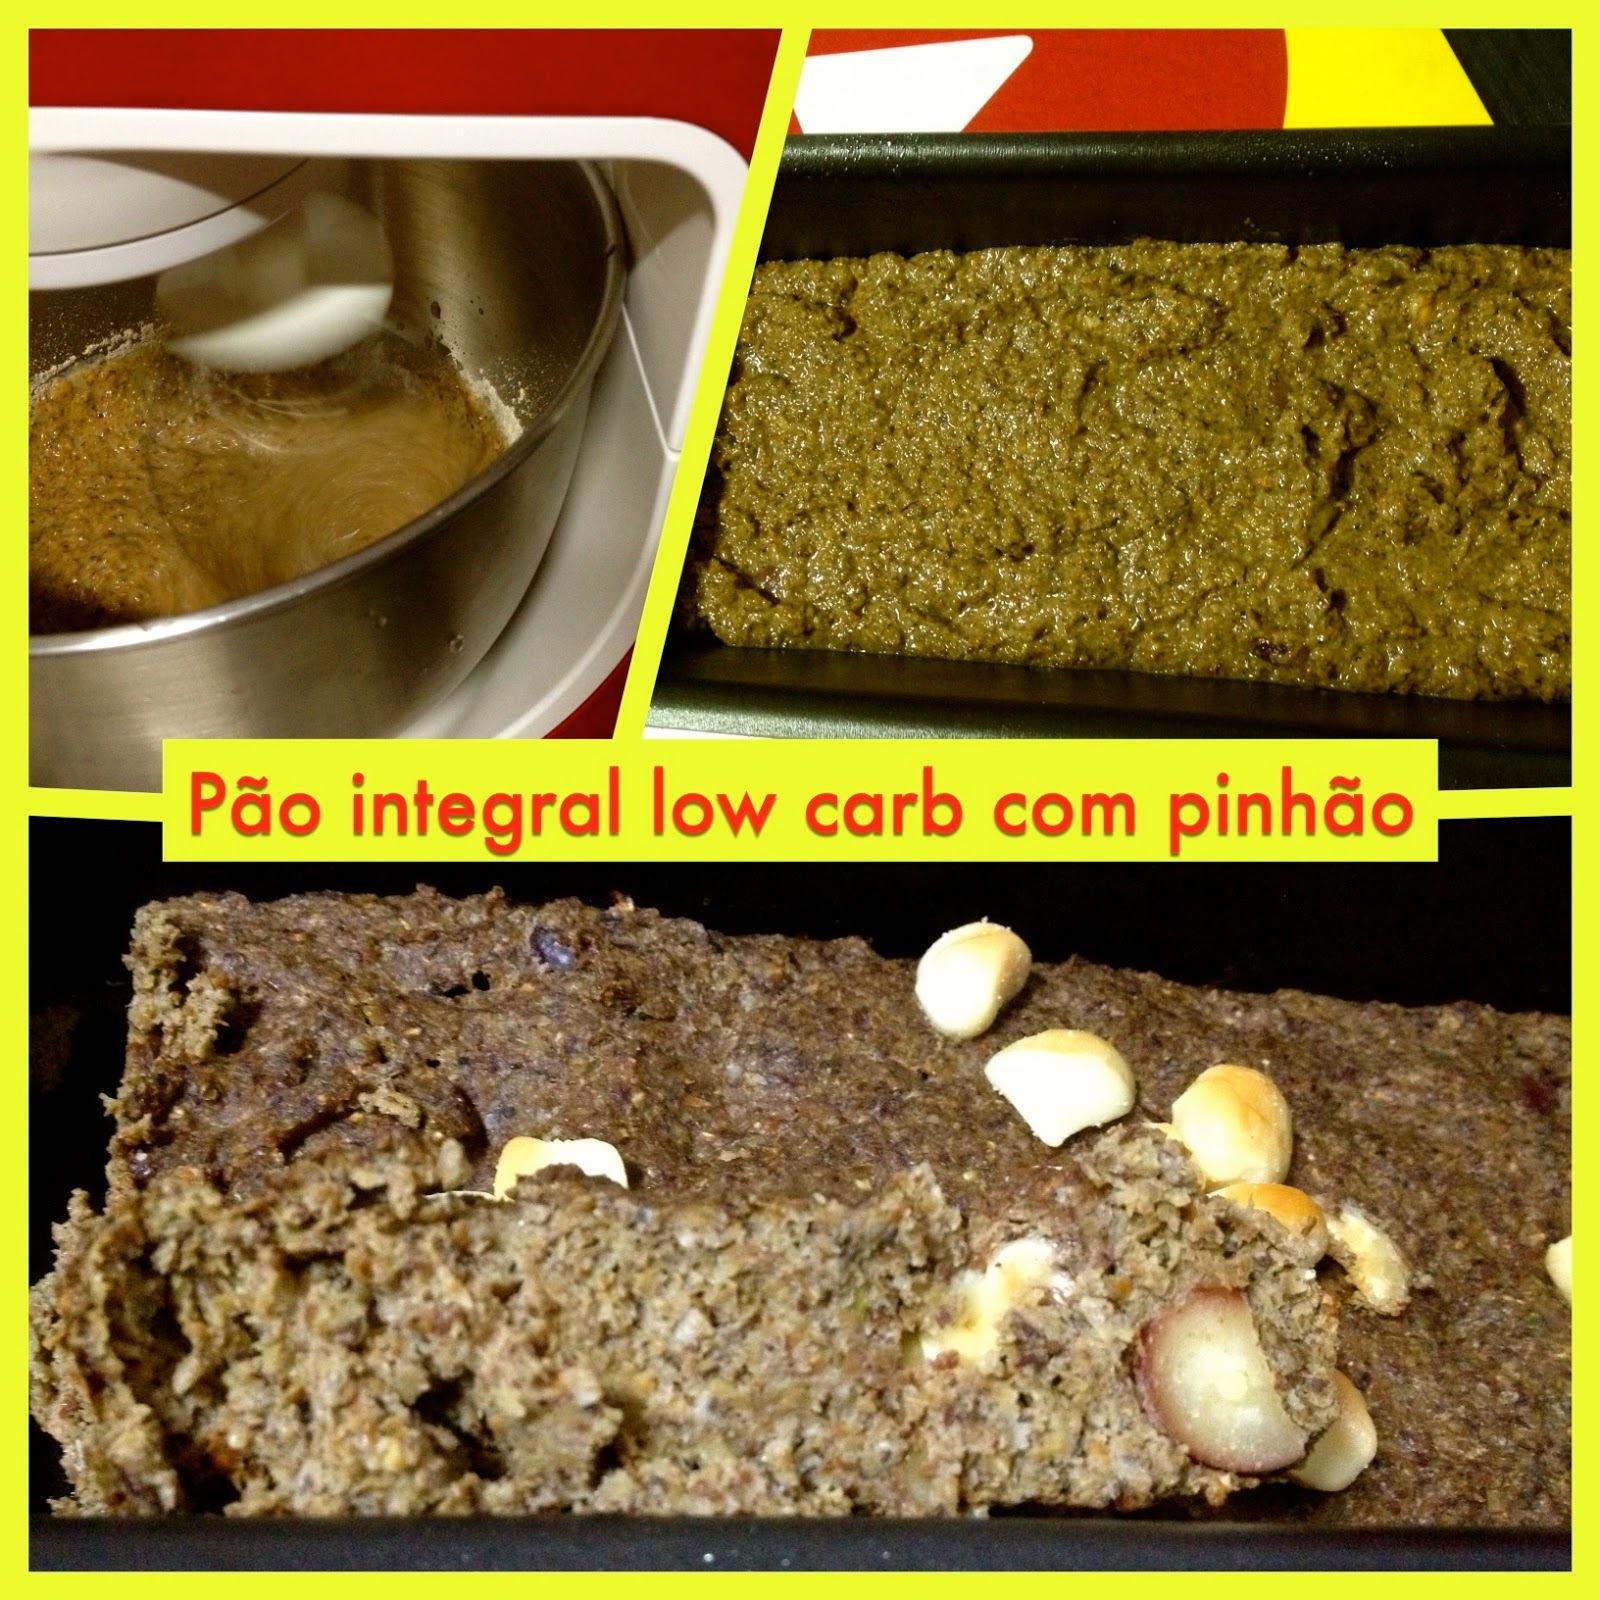 Receita de pão integral com baixo teor de carboidrato (low carb) recheado com pinhões, nozes e macadâmia